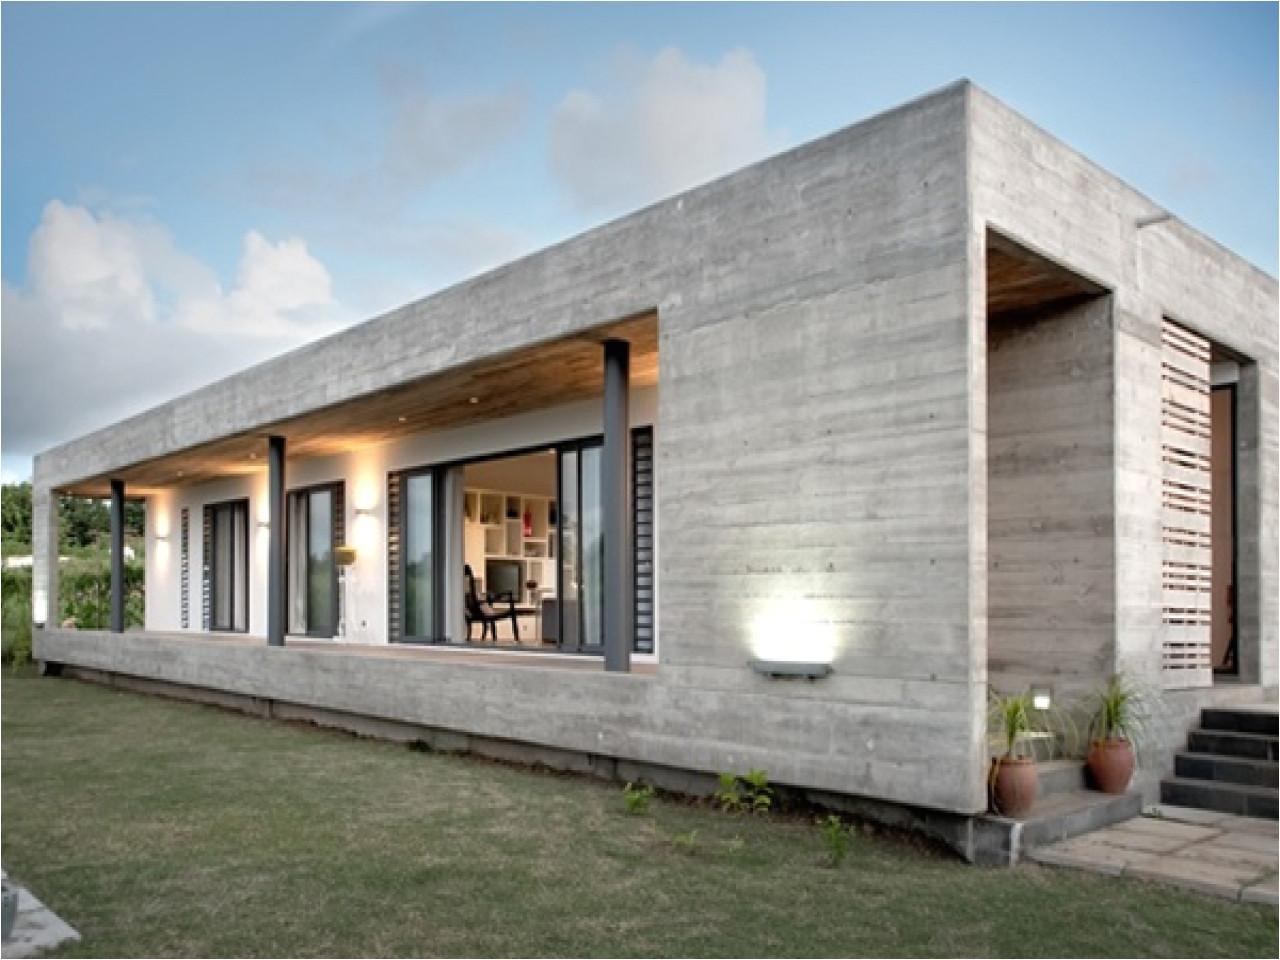 Precast Concrete Home Plans Precast Concrete Home Plans